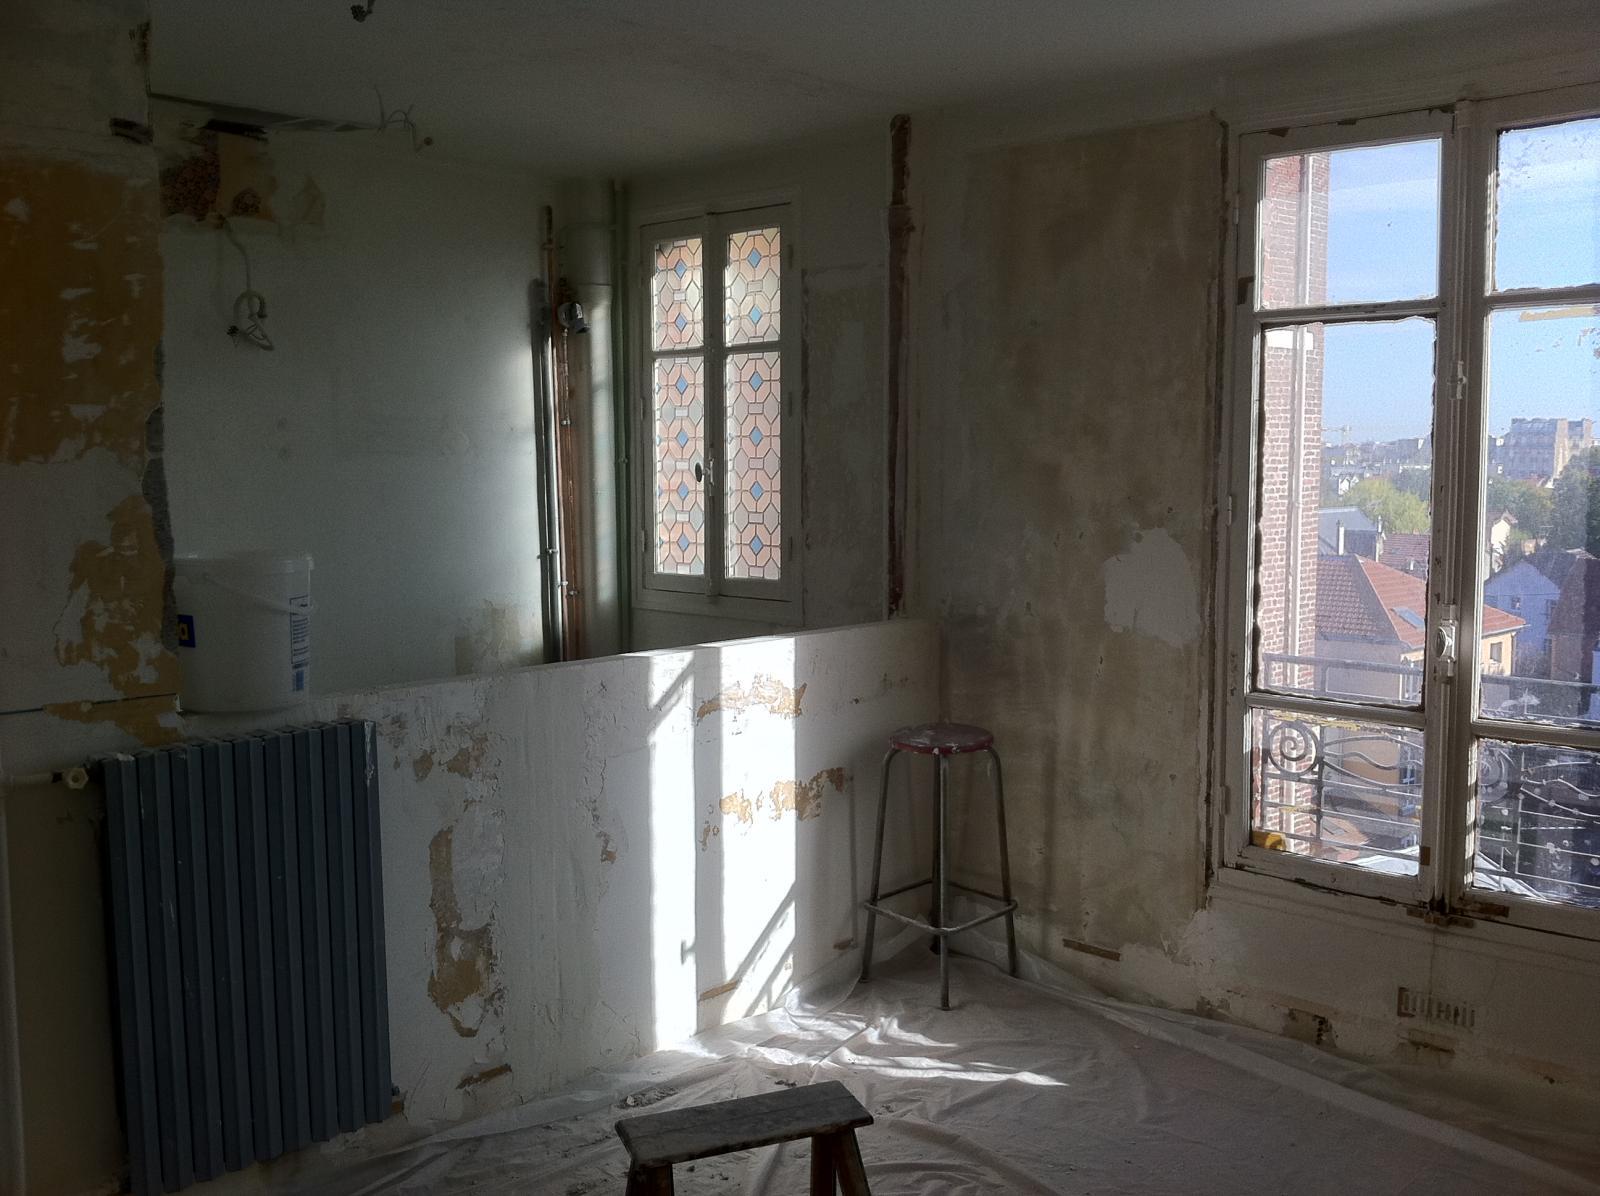 Construire un rangement suspendu en ba13 for Construire un balcon suspendu